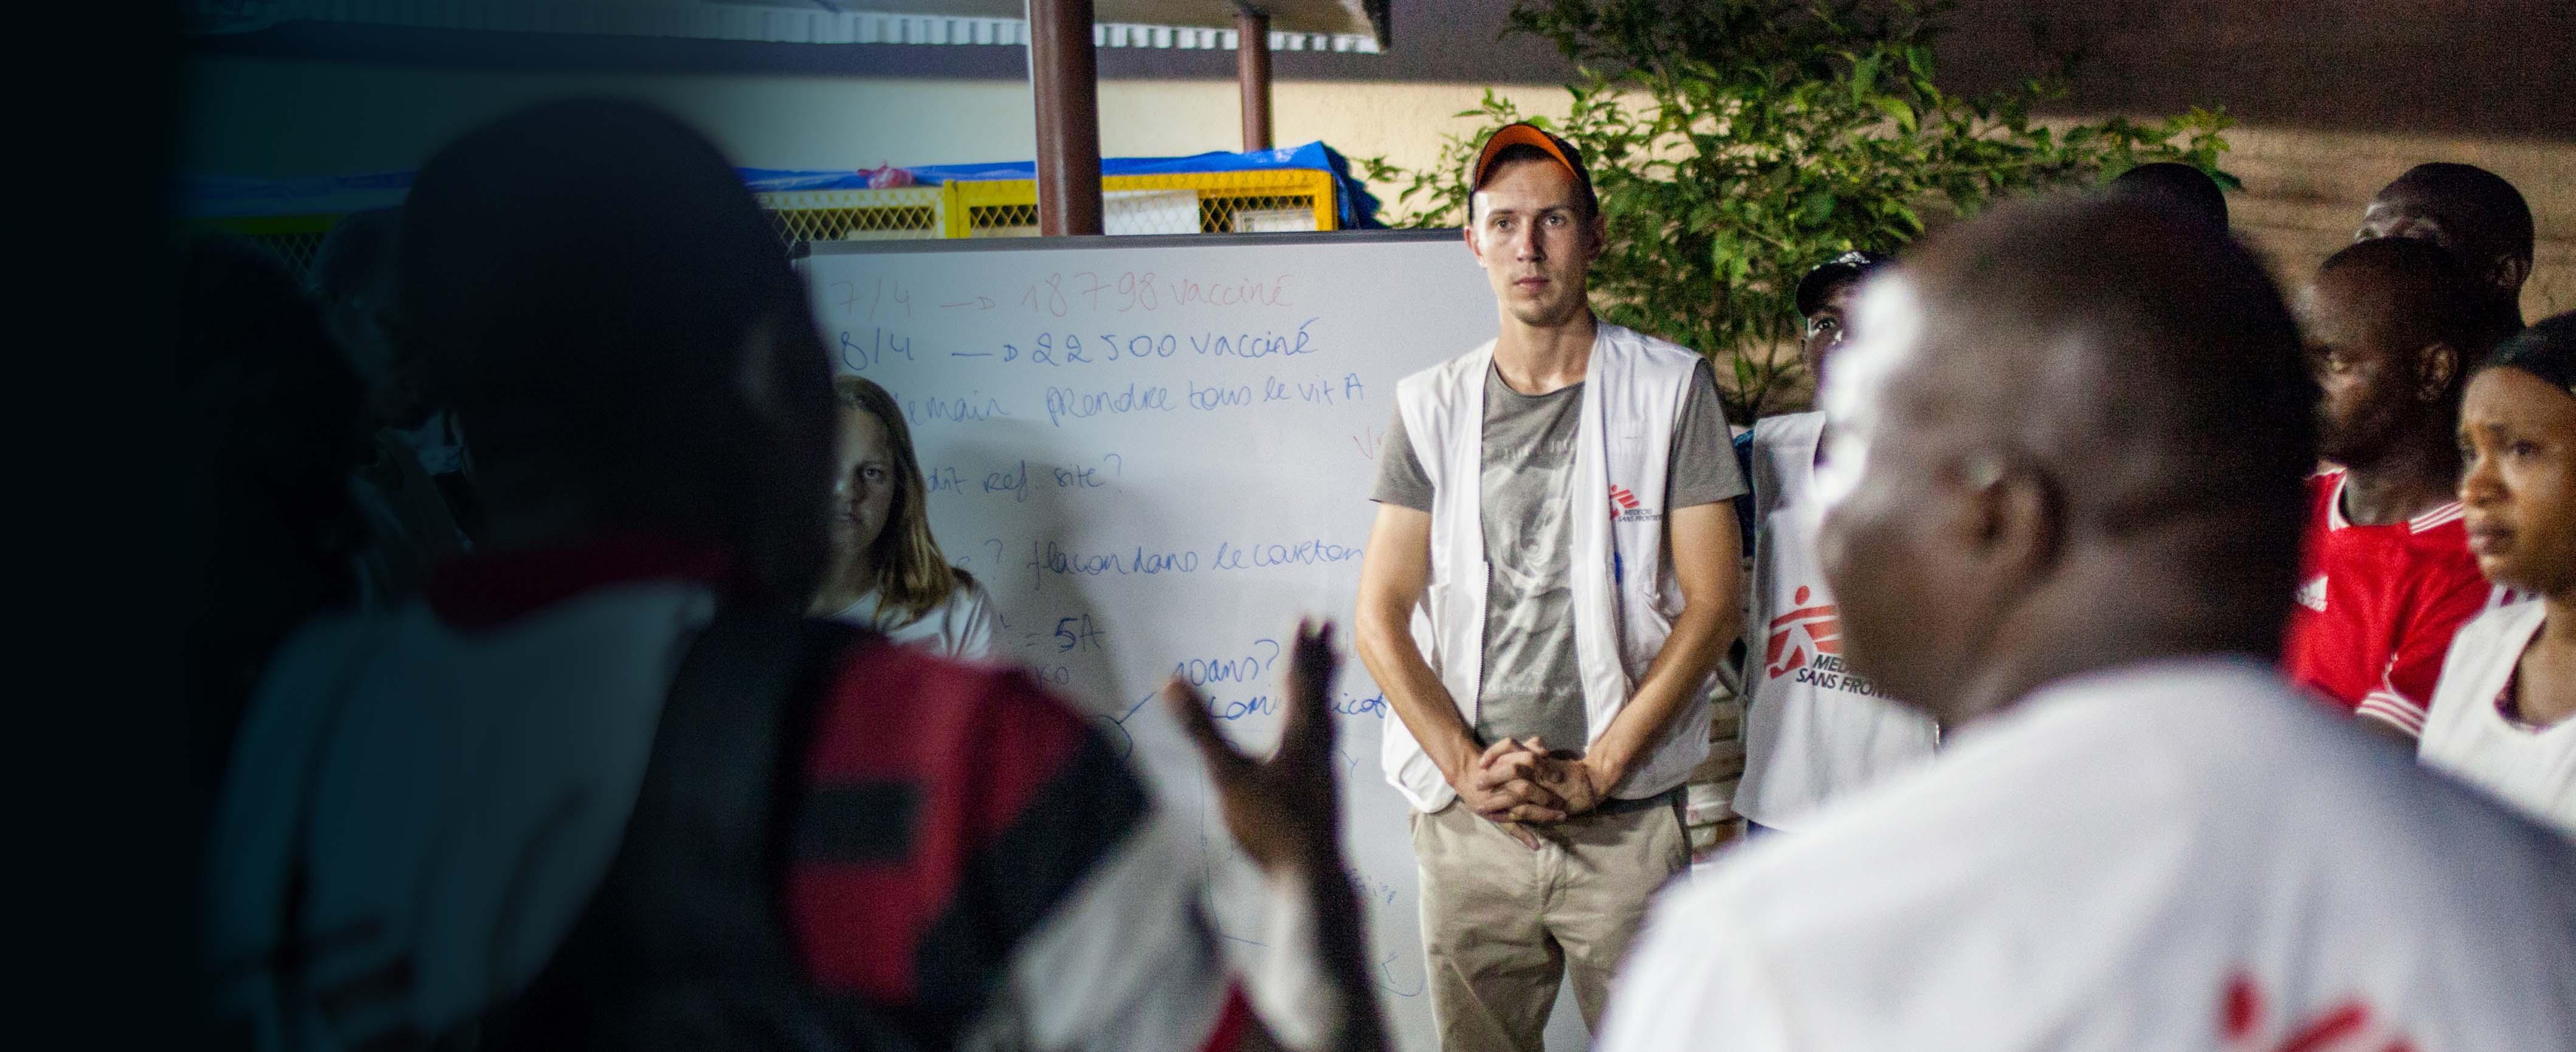 site de rencontres humanitaire rencontre celibataire boucherville